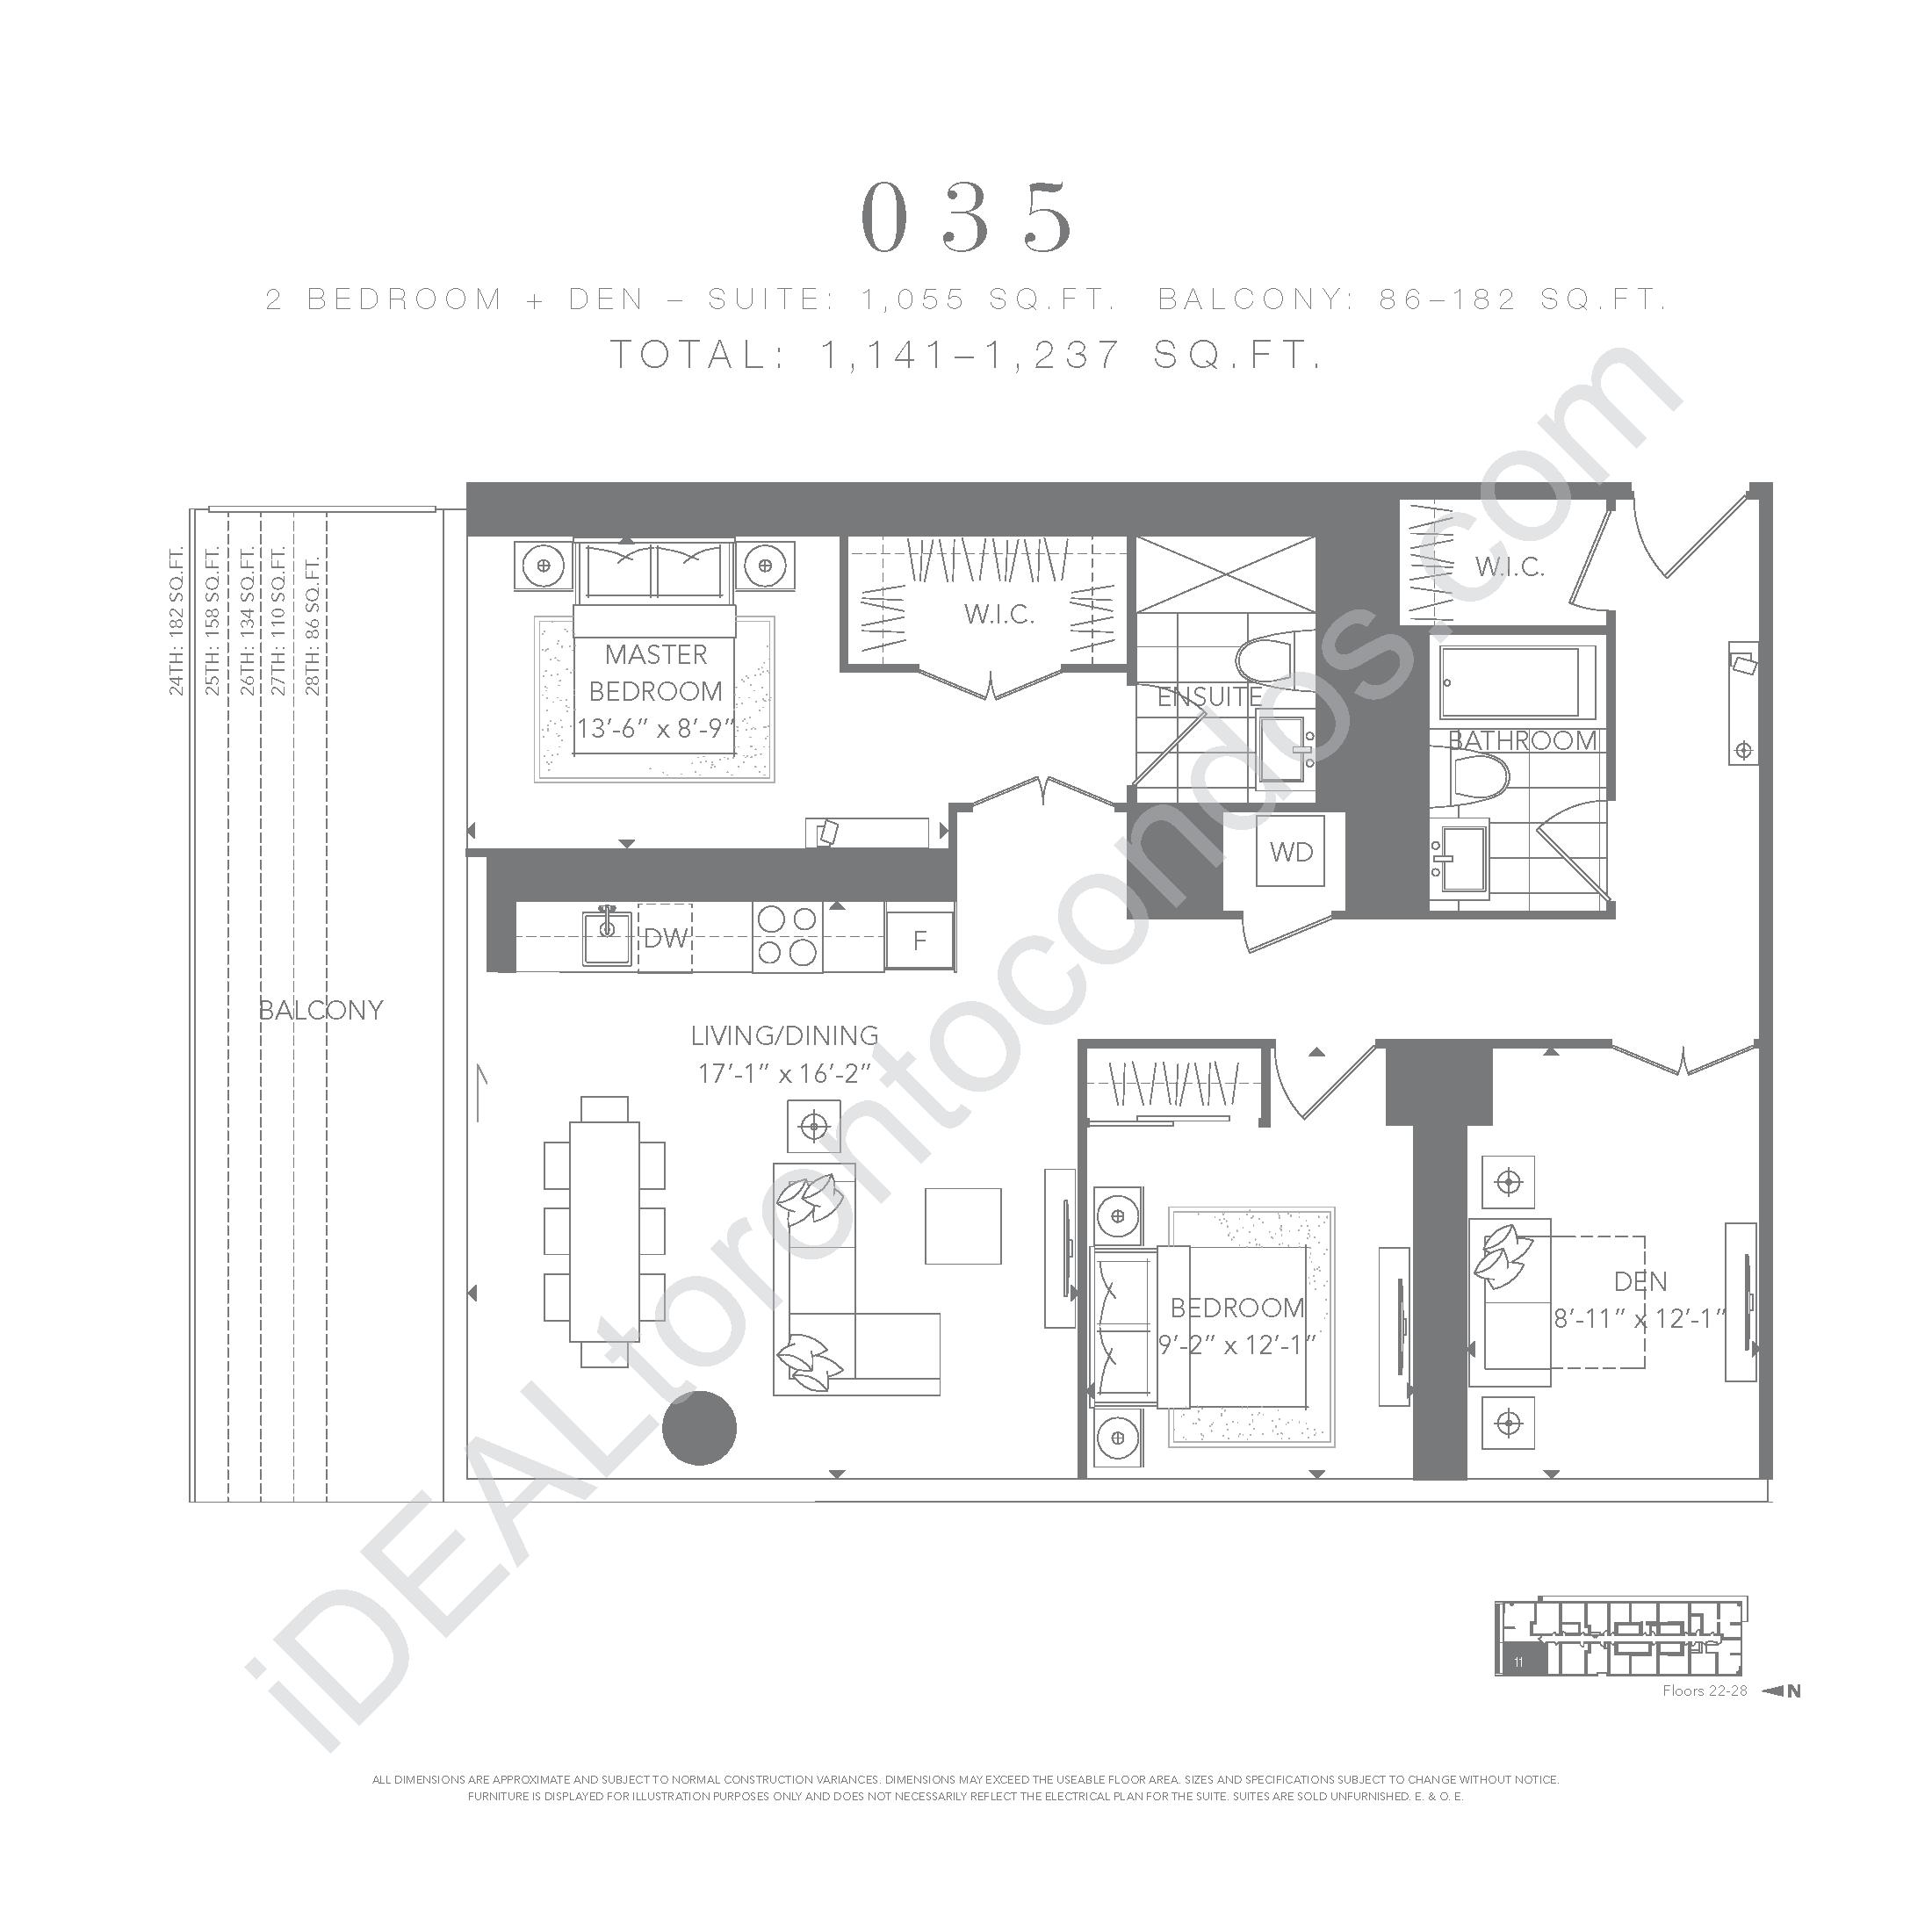 2 bedroom + den 035